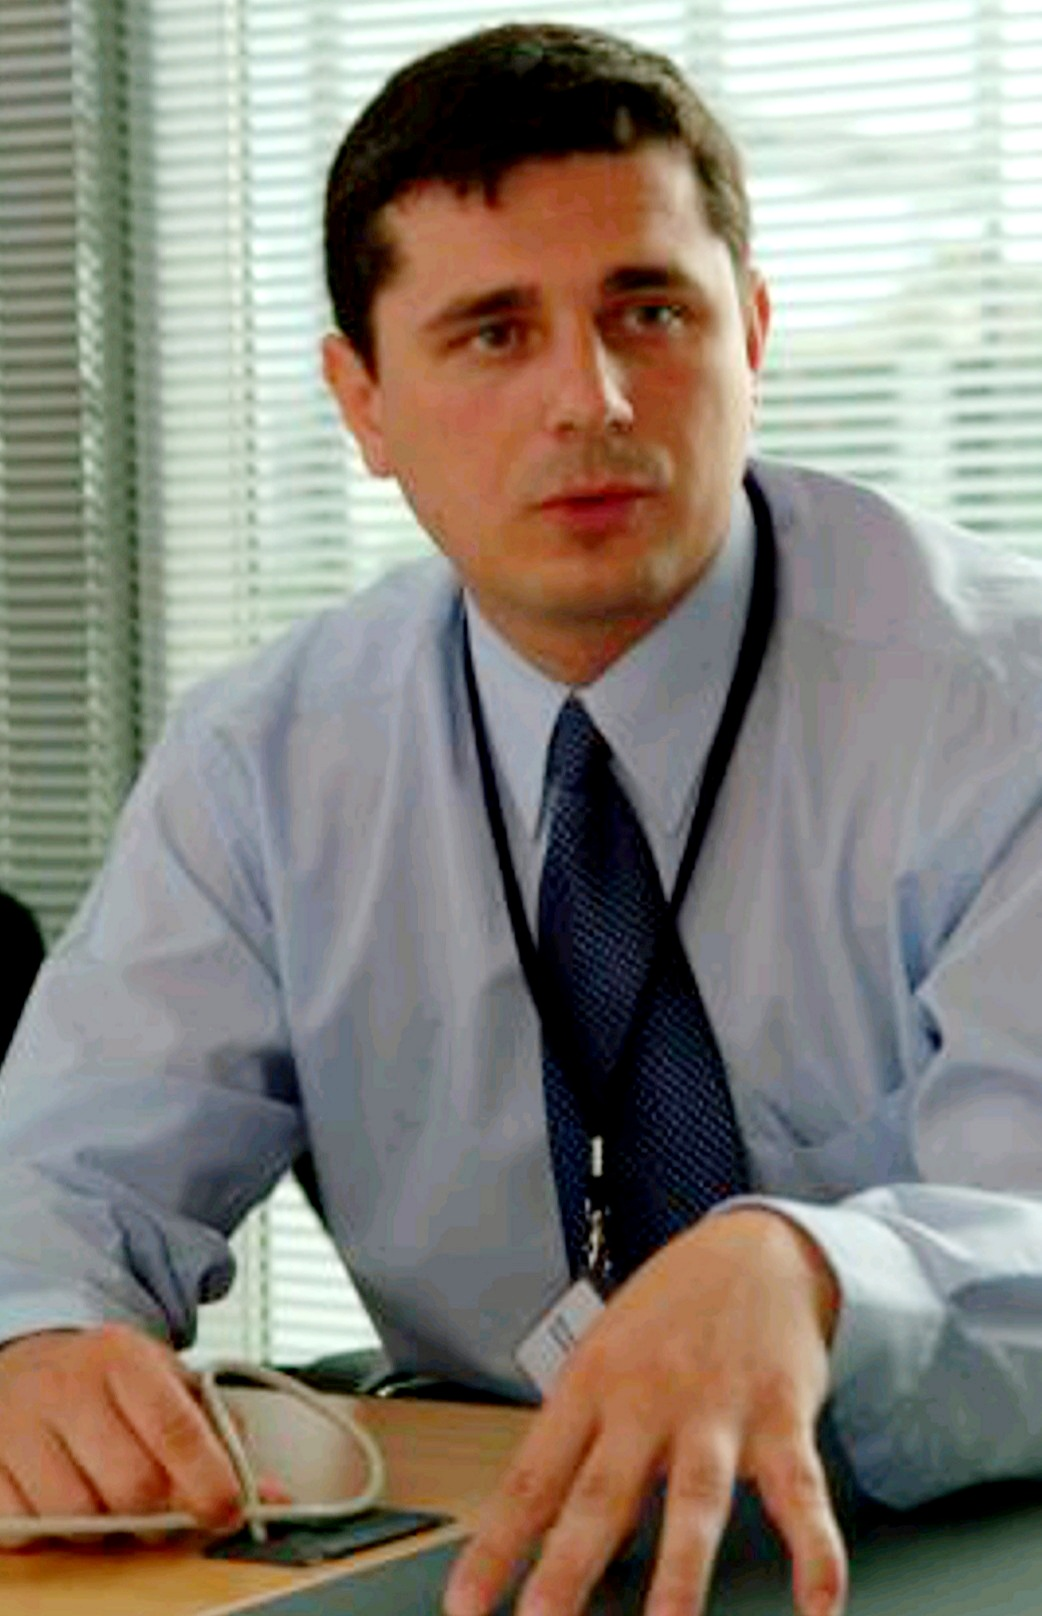 Miroslav Vlasák je novým ředitelem Elektrotechnického zkušebního ústavu (EZÚ)